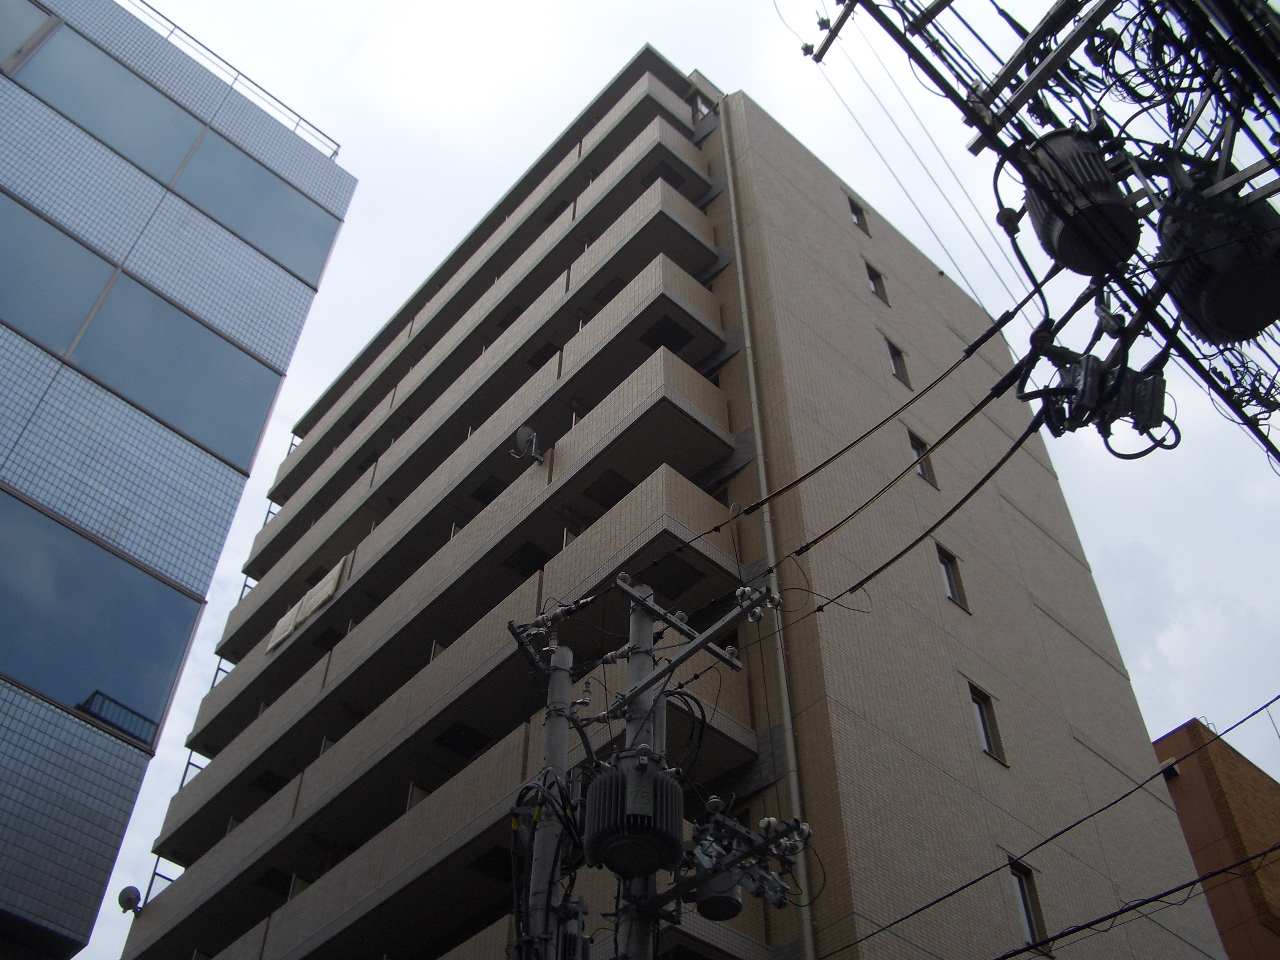 物件番号: 1068137358 S-FORT新大阪ravir  大阪市淀川区西中島3丁目 1R マンション 外観画像